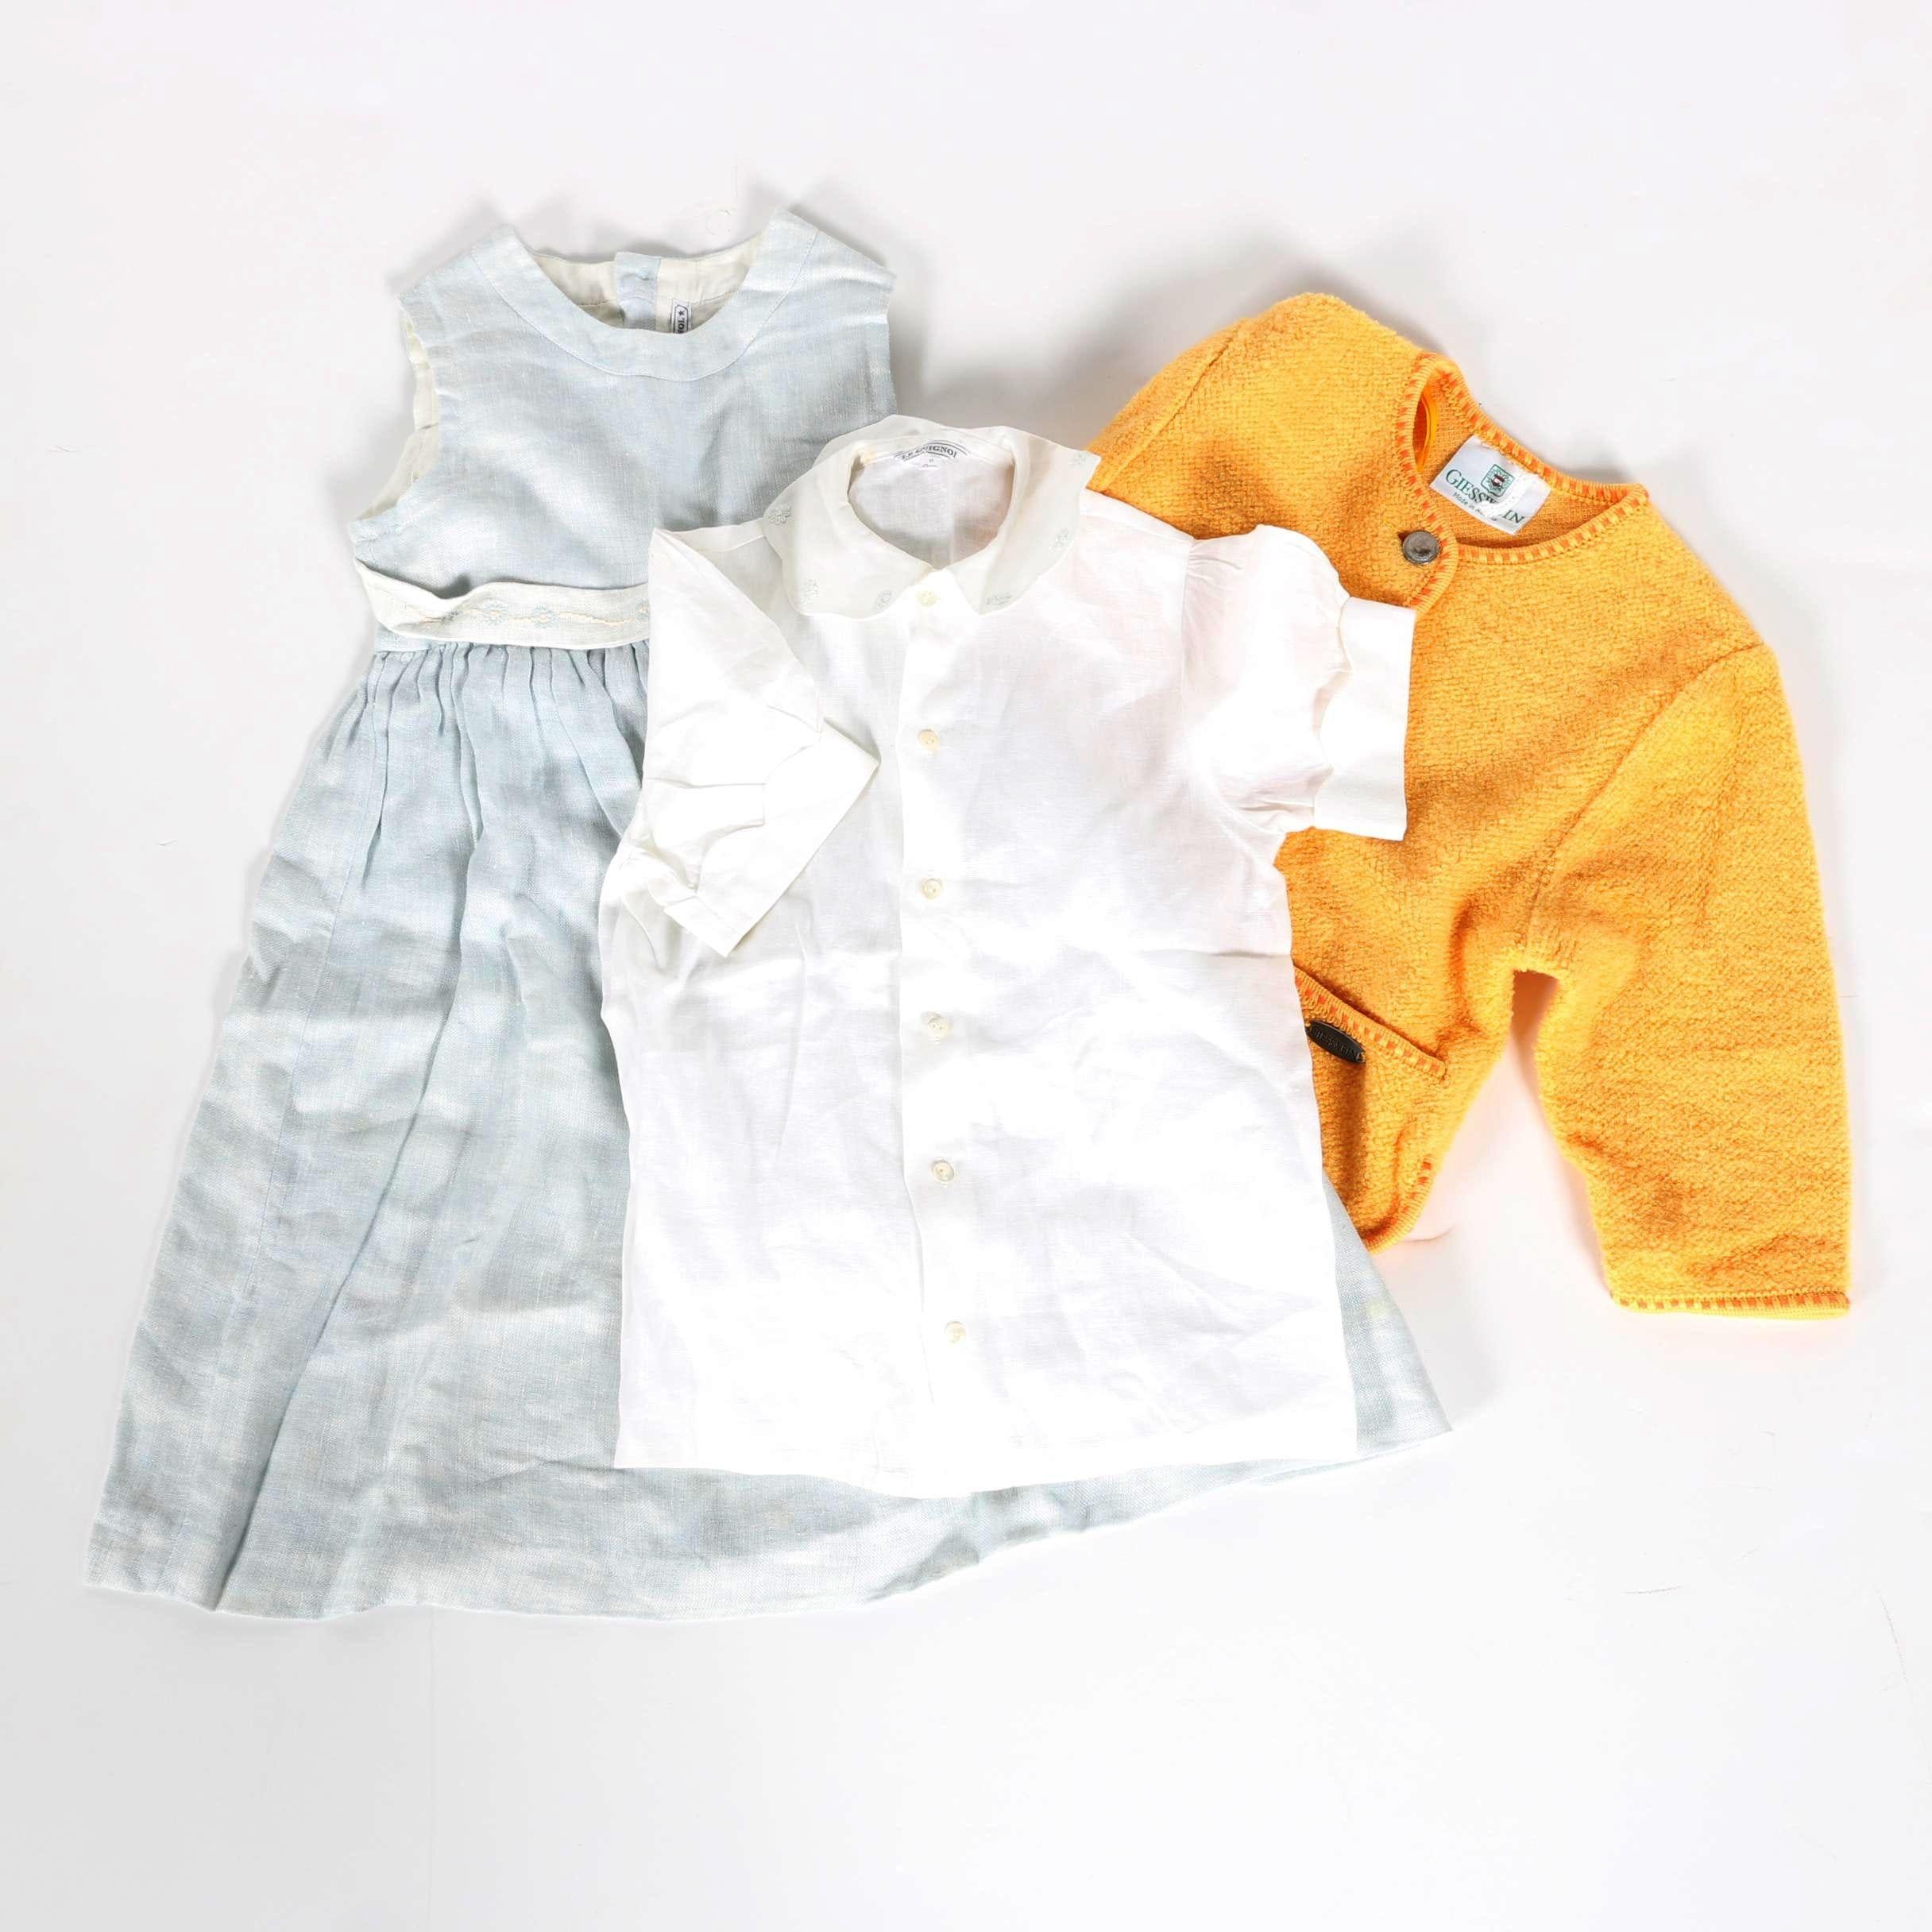 Girl's European Clothes Featuring Le Guignol